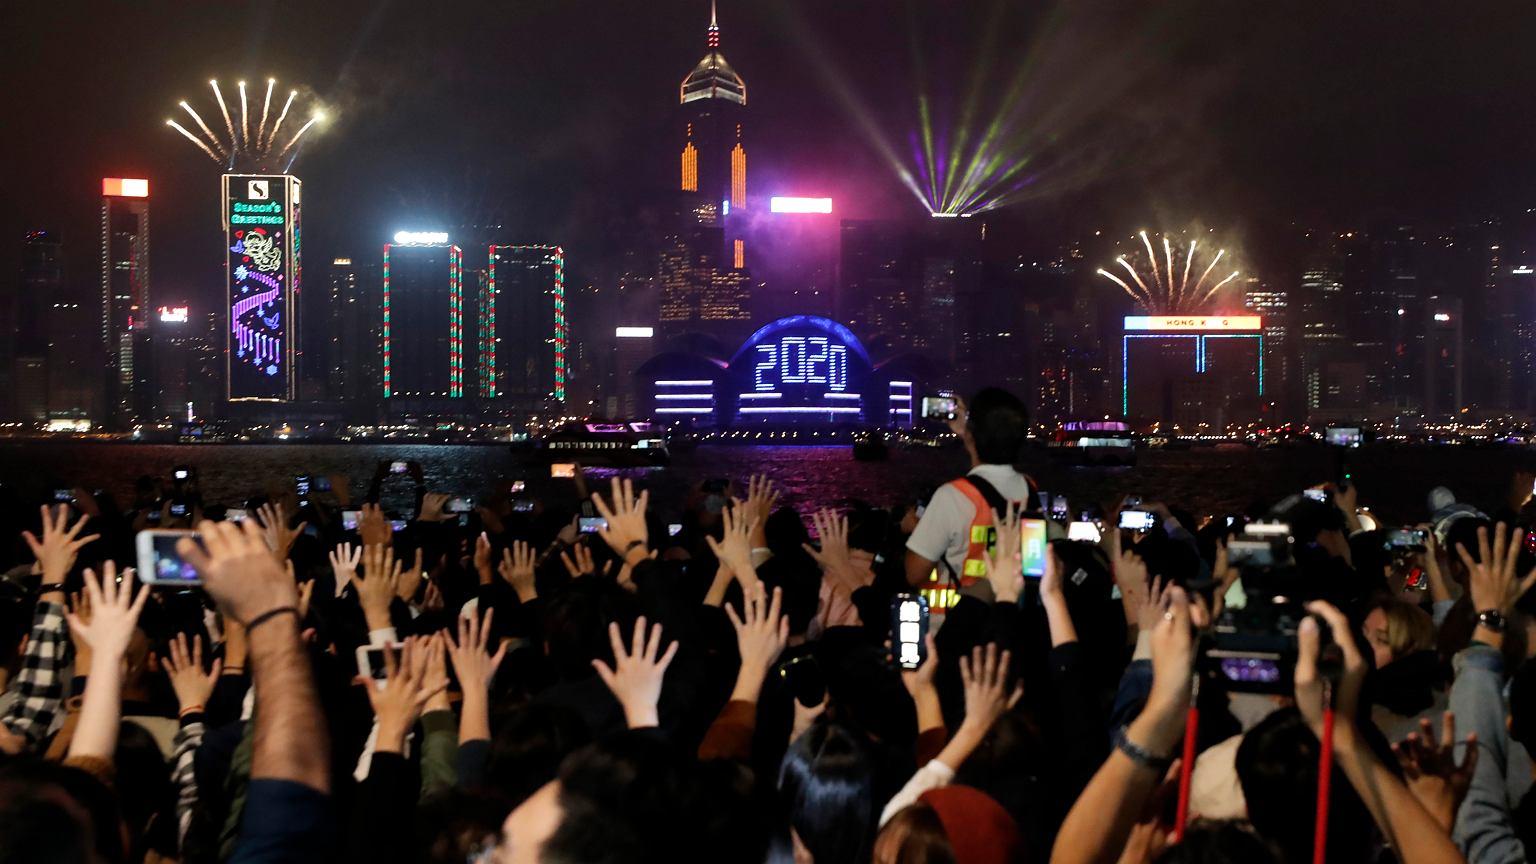 Sylwester 2019 i Nowy Rok 2020 na świecie. Nie wszędzie można było świętować. Pożary w Australii, protesty w Iraku i Hongkongu | Wiadomości ze świata - Gazeta.pl